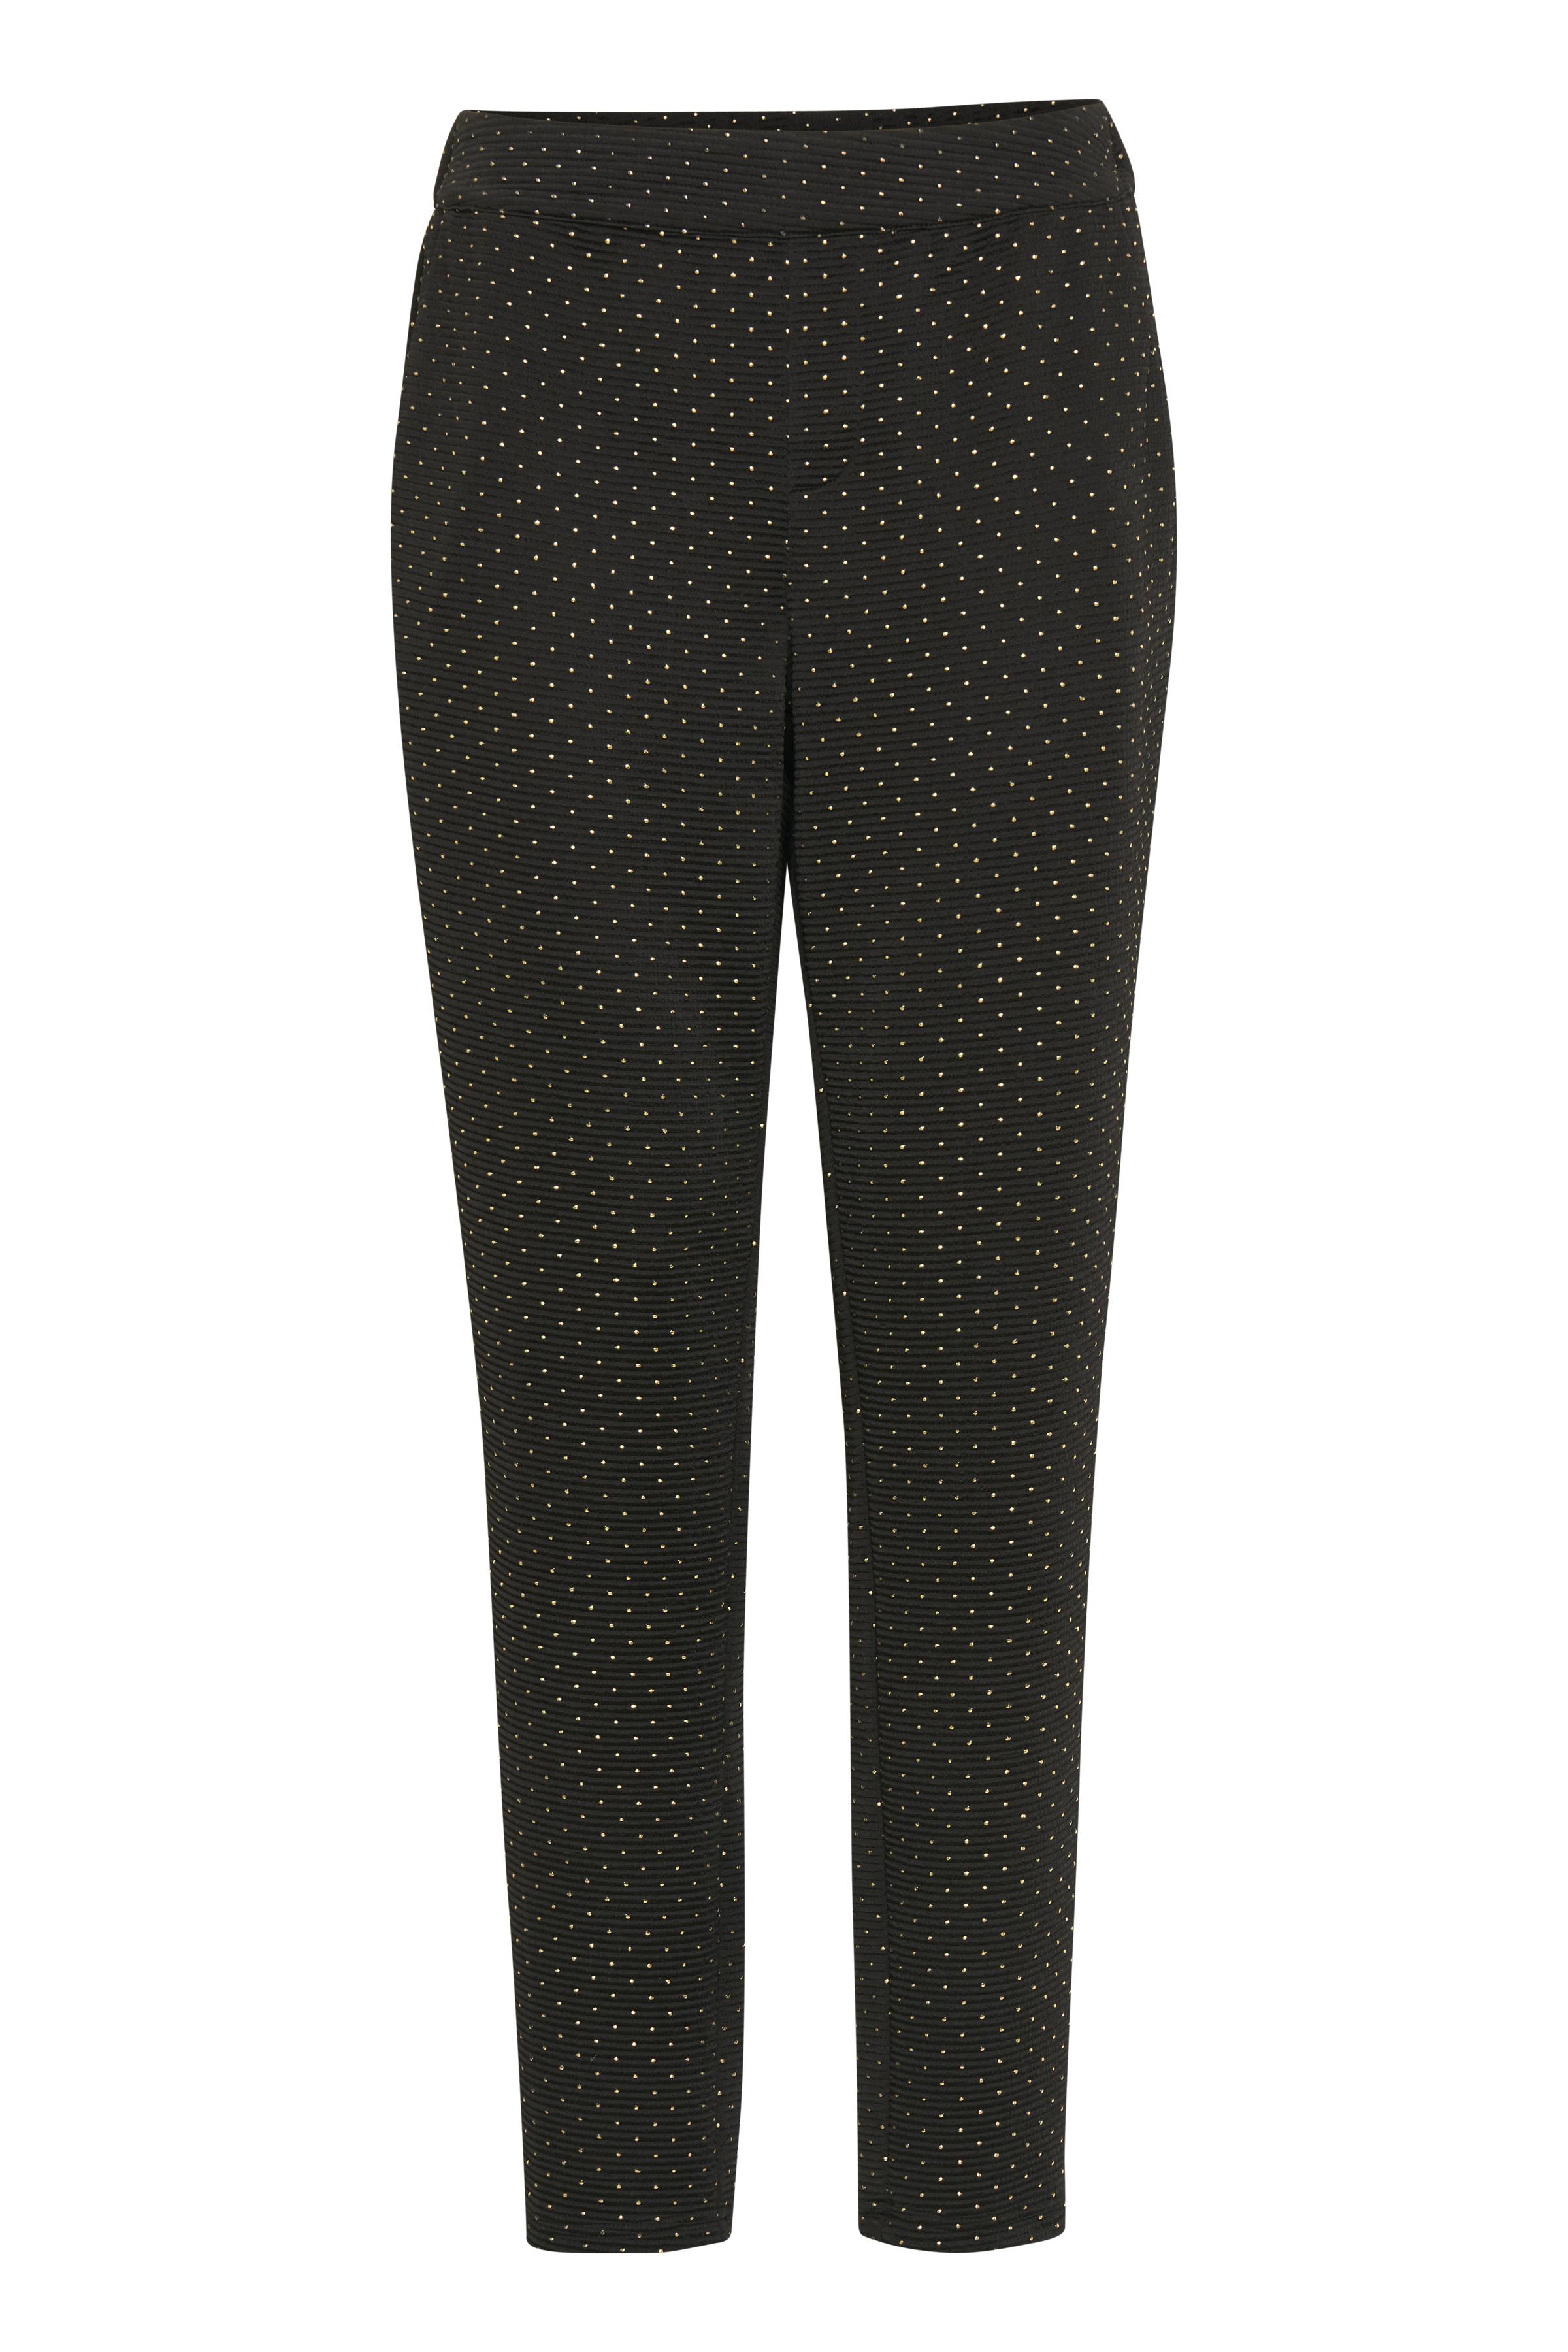 Svart Casual byxor från Pulz Jeans – Köp Svart Casual byxor från stl. XS-XXL här